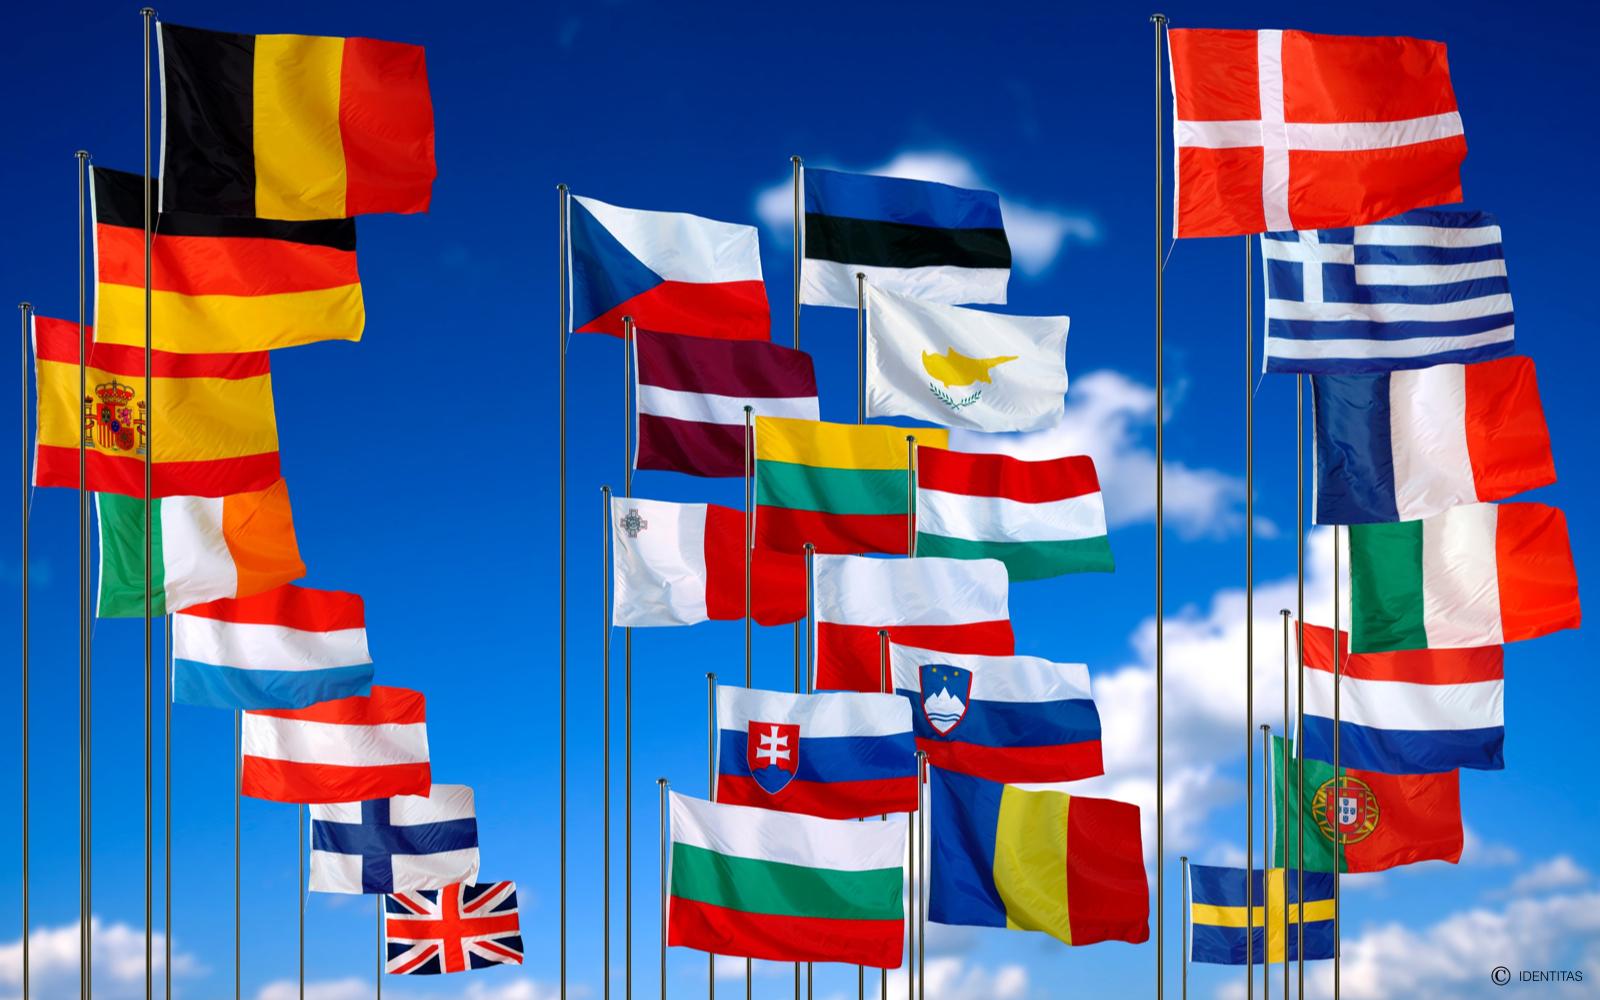 L'Europe et son marché unique: booster d'innovation?